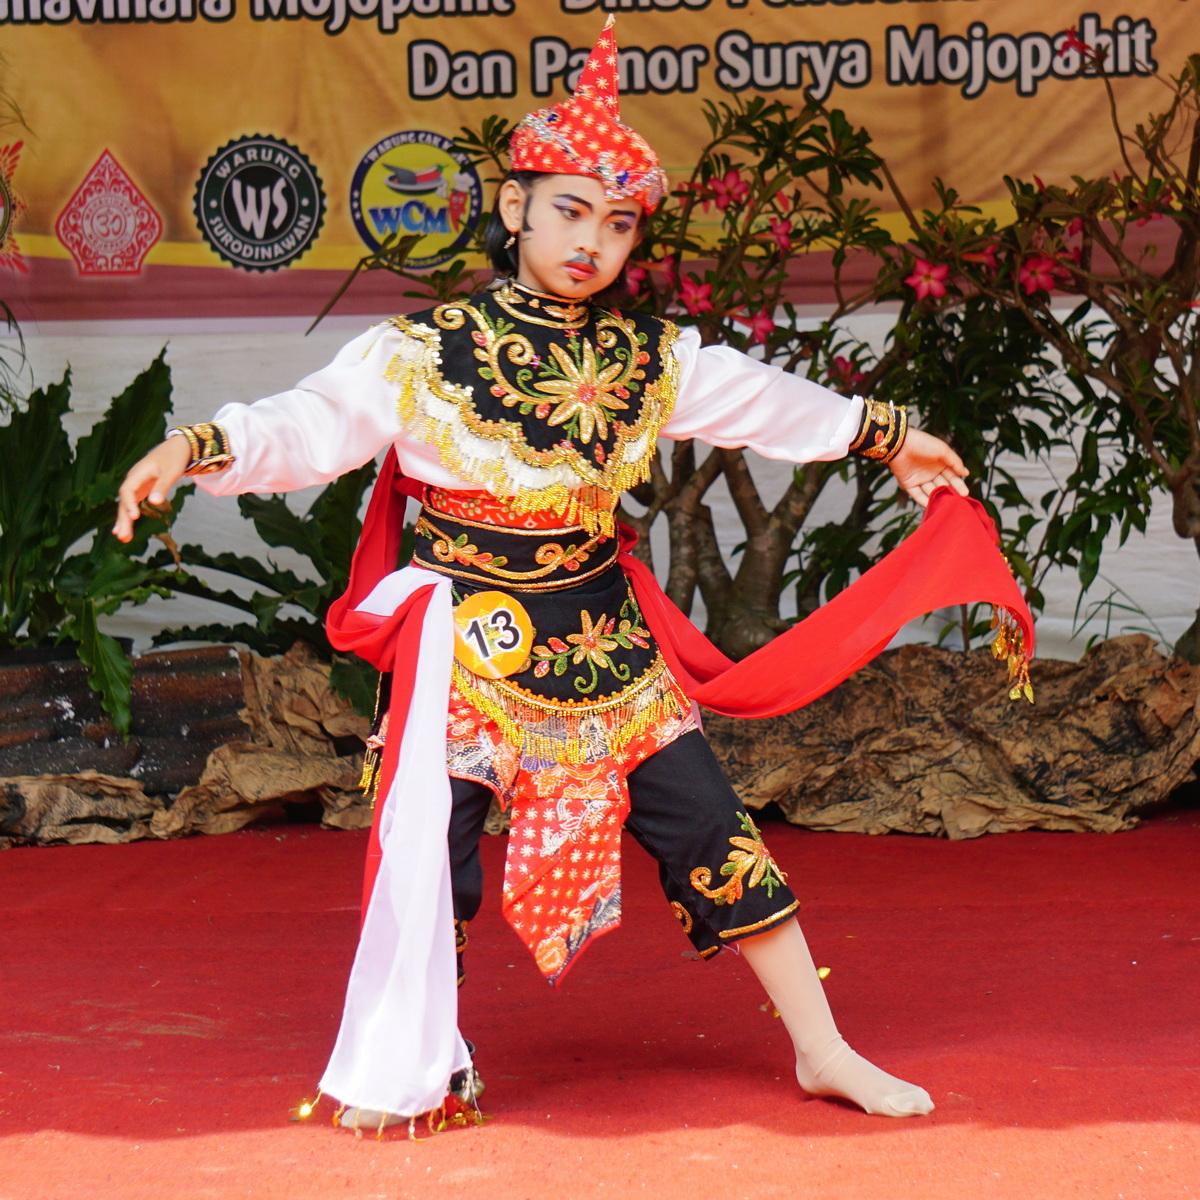 Maha-Vihara-Mojopahit-Dance